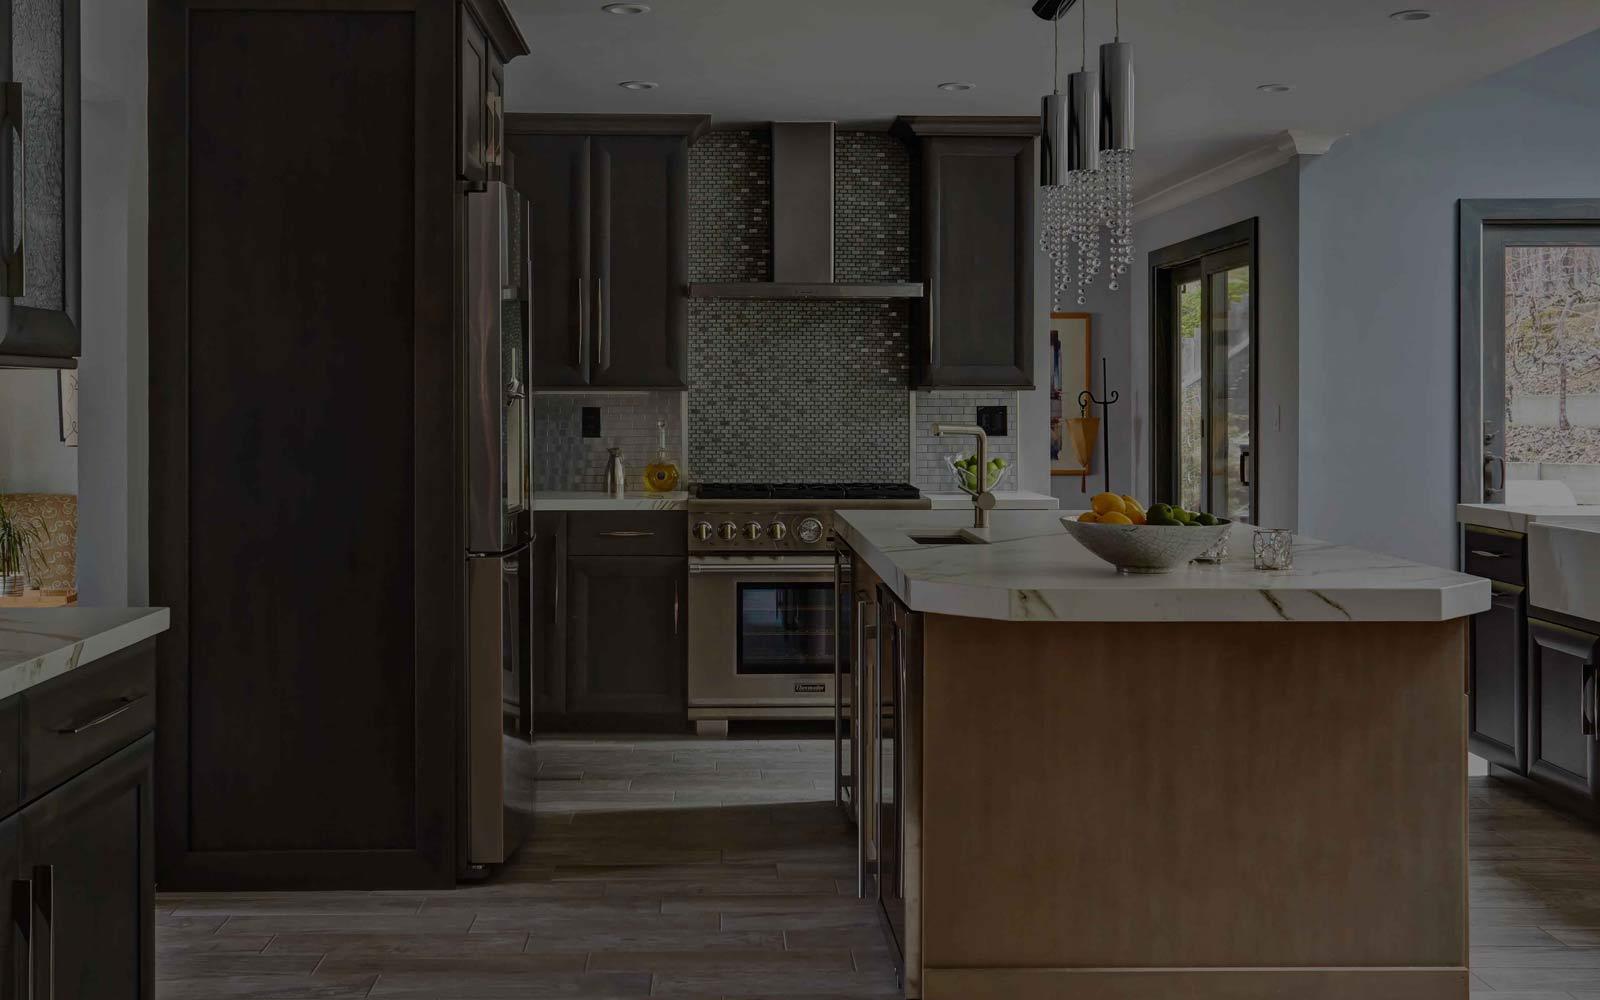 Signature Kitchen U0026 Bath | Kitchens, Bathrooms, Cabinets U0026 More